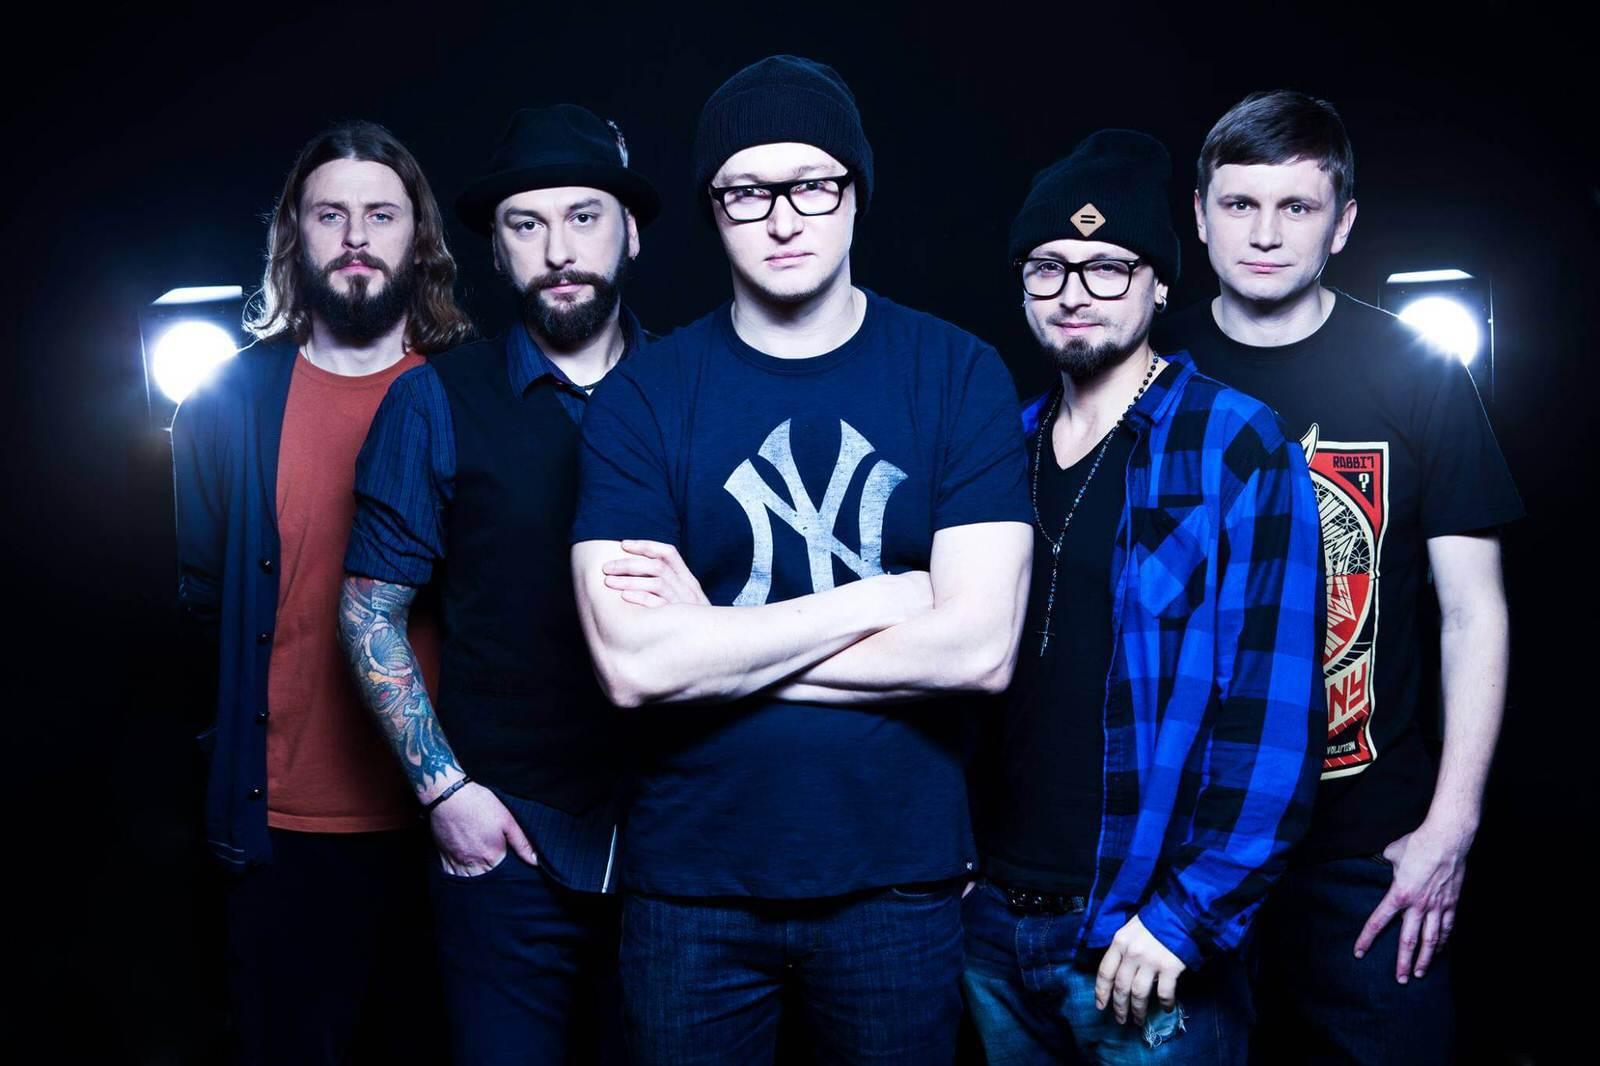 Выиграй билеты от UniverPL на концерт Бумбокса в Польше! - UniverPL